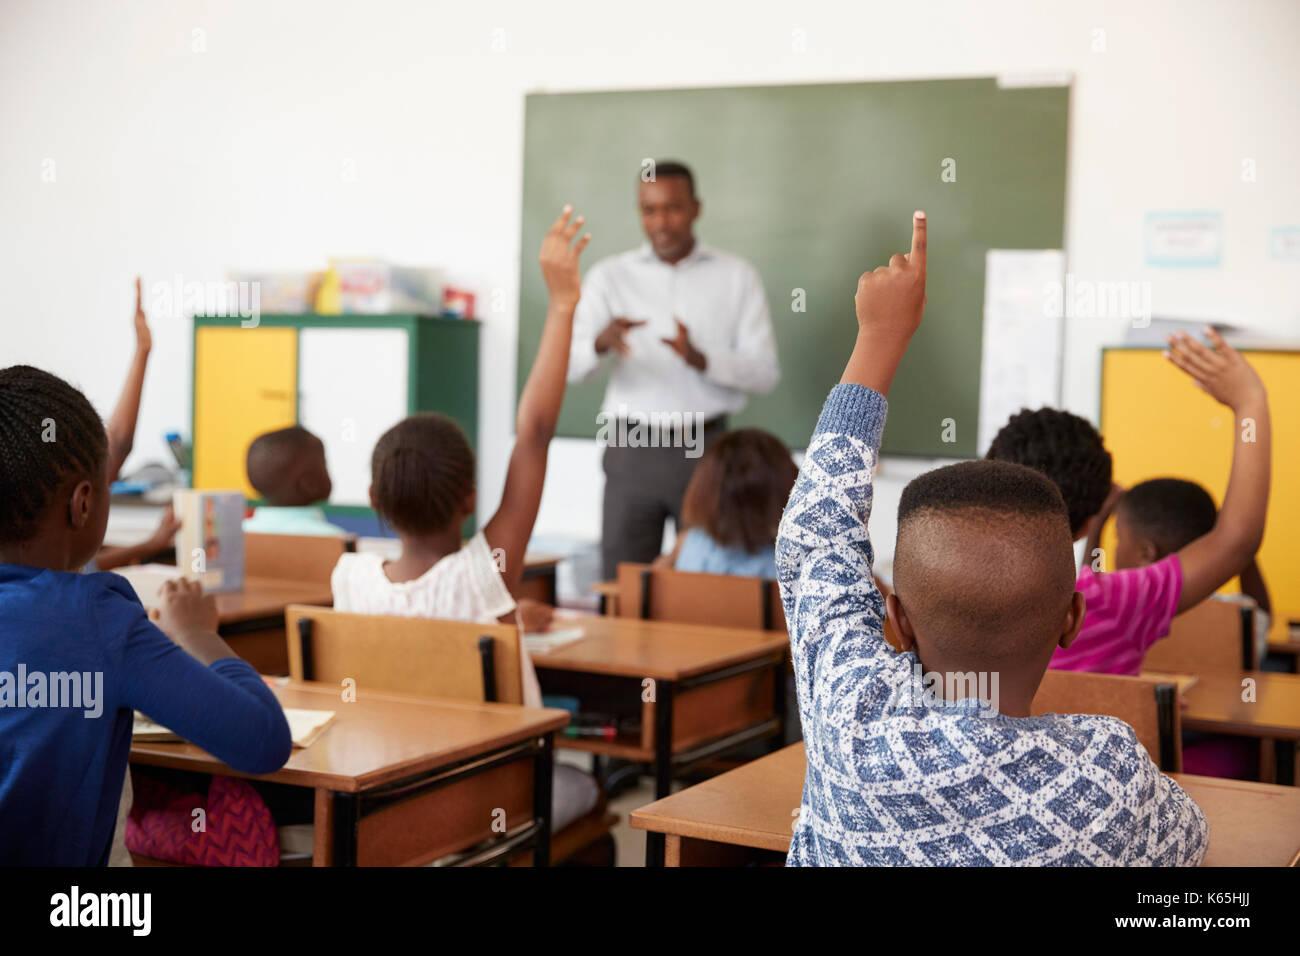 Les enfants sensibilisation mains pendant une leçon à l'école élémentaire Photo Stock